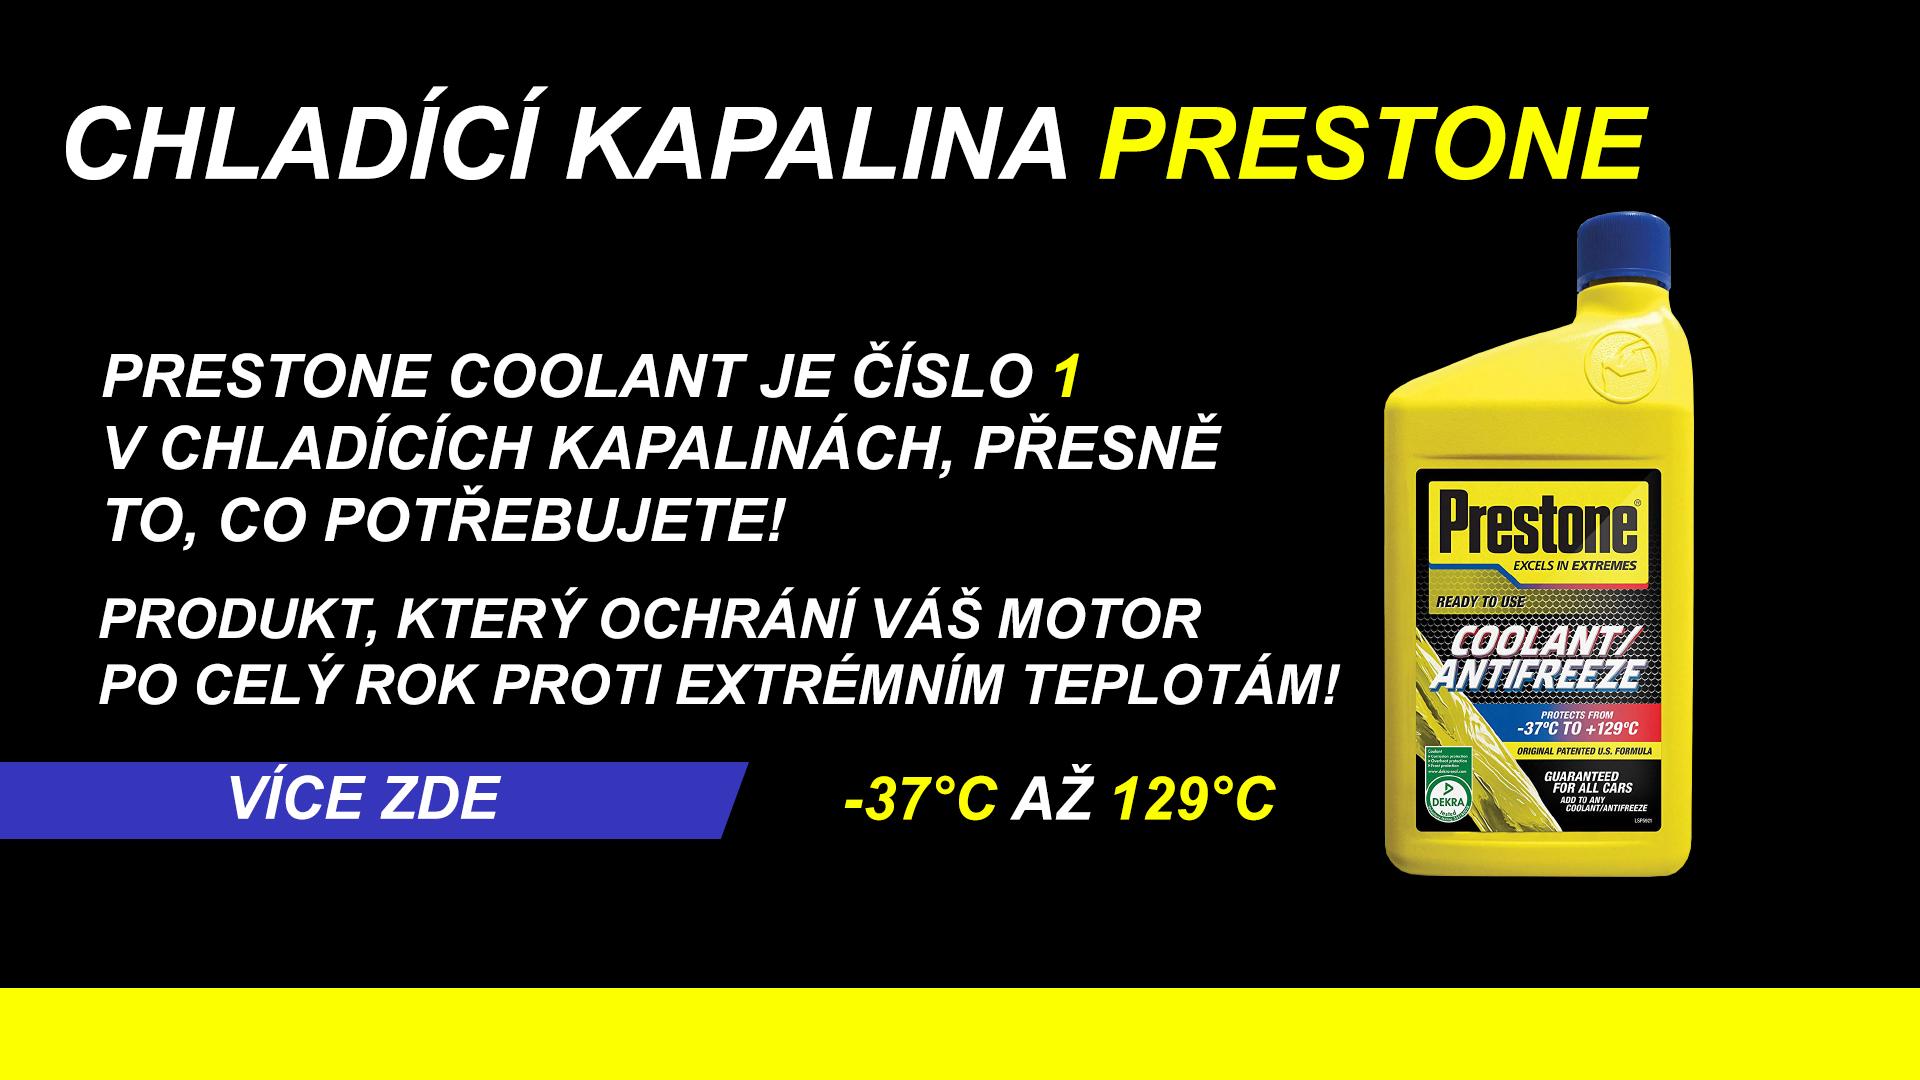 Prestone Coolant